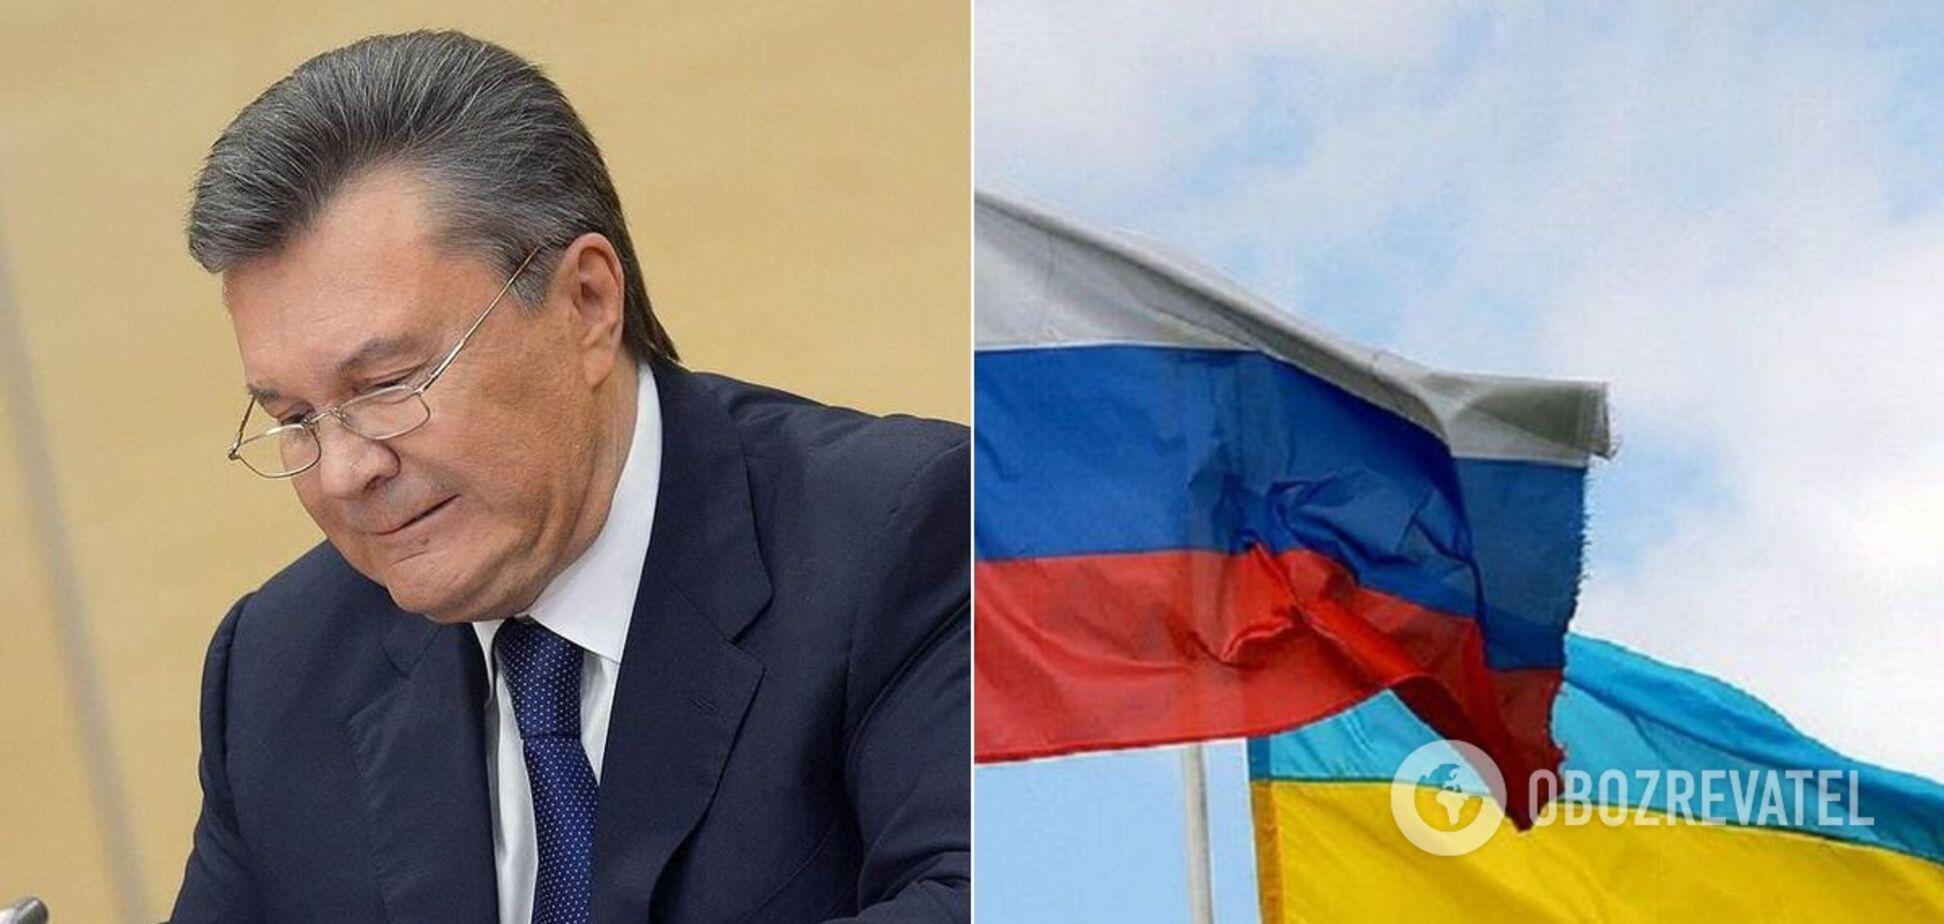 Сбежавший президент Виктор Янукович